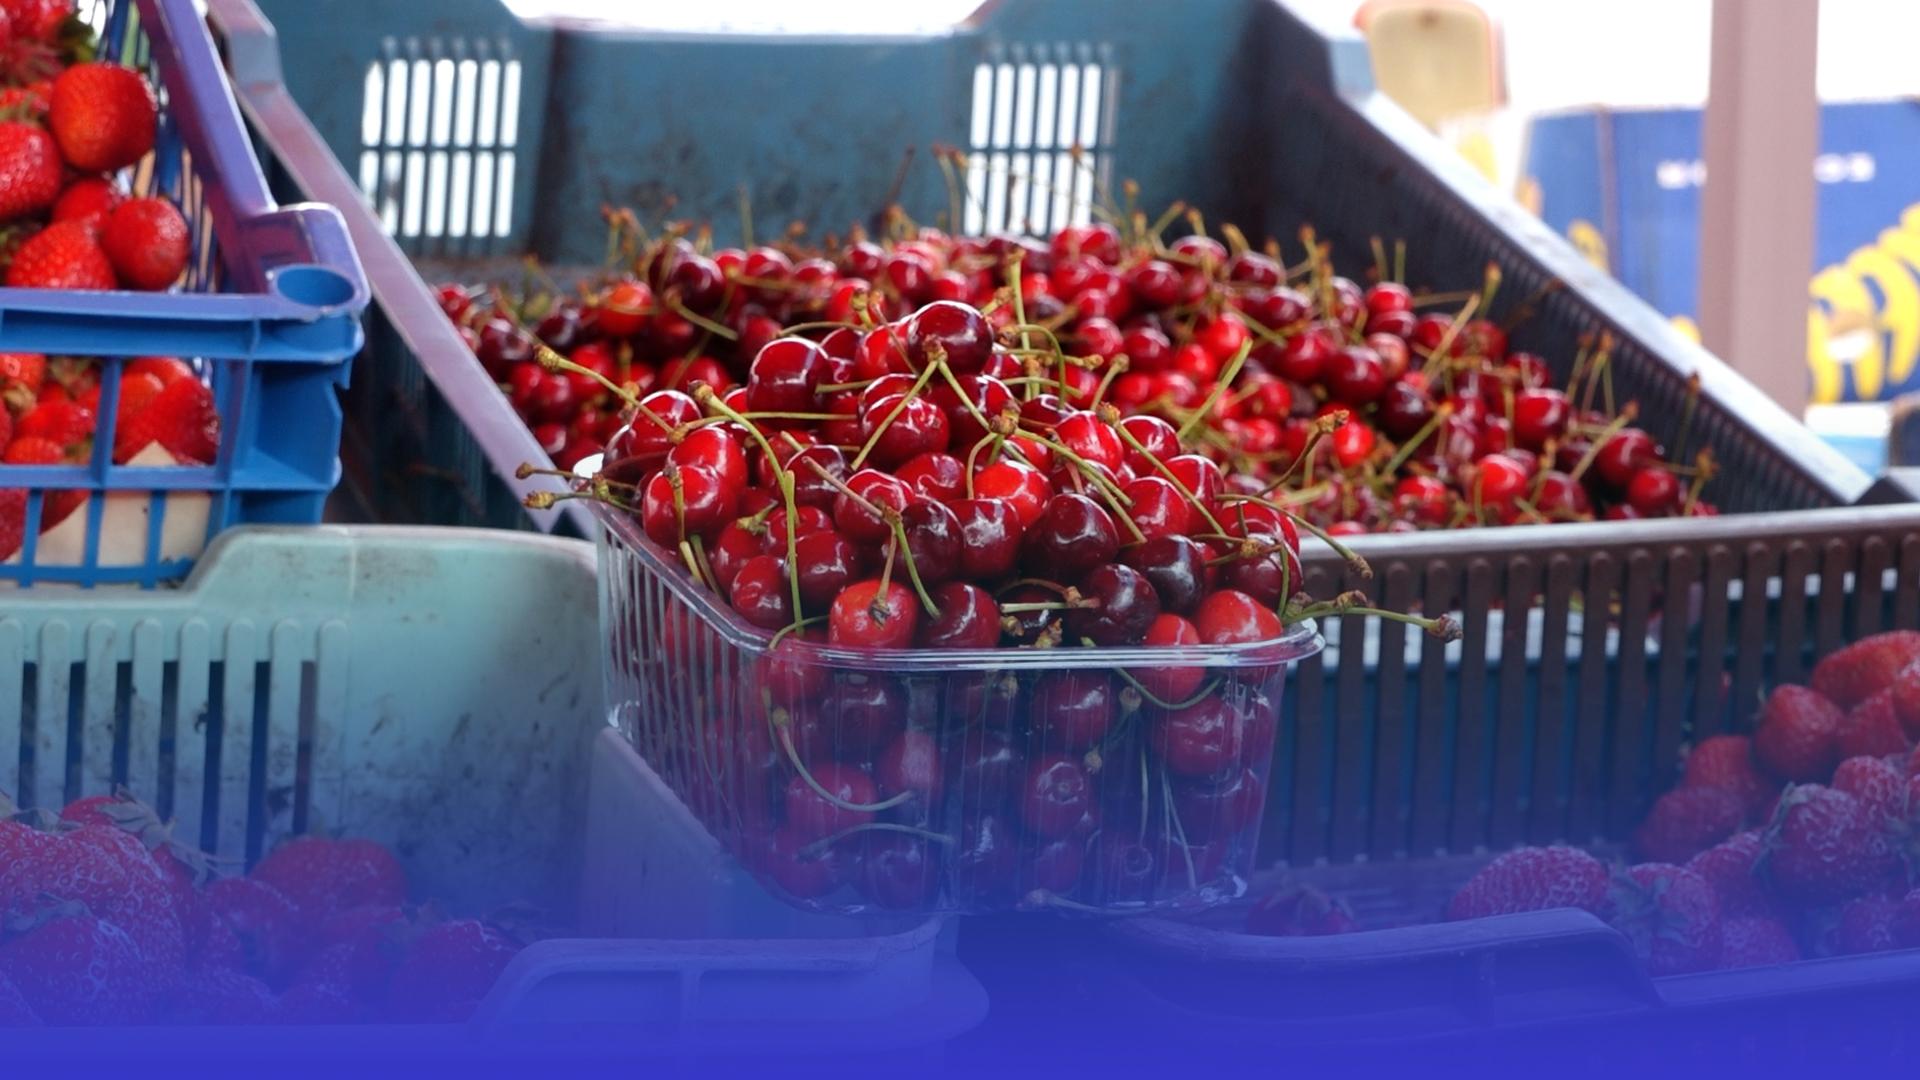 Майже 10 доларів за черешню: у Тернополі ягоди не купують, бо дорога